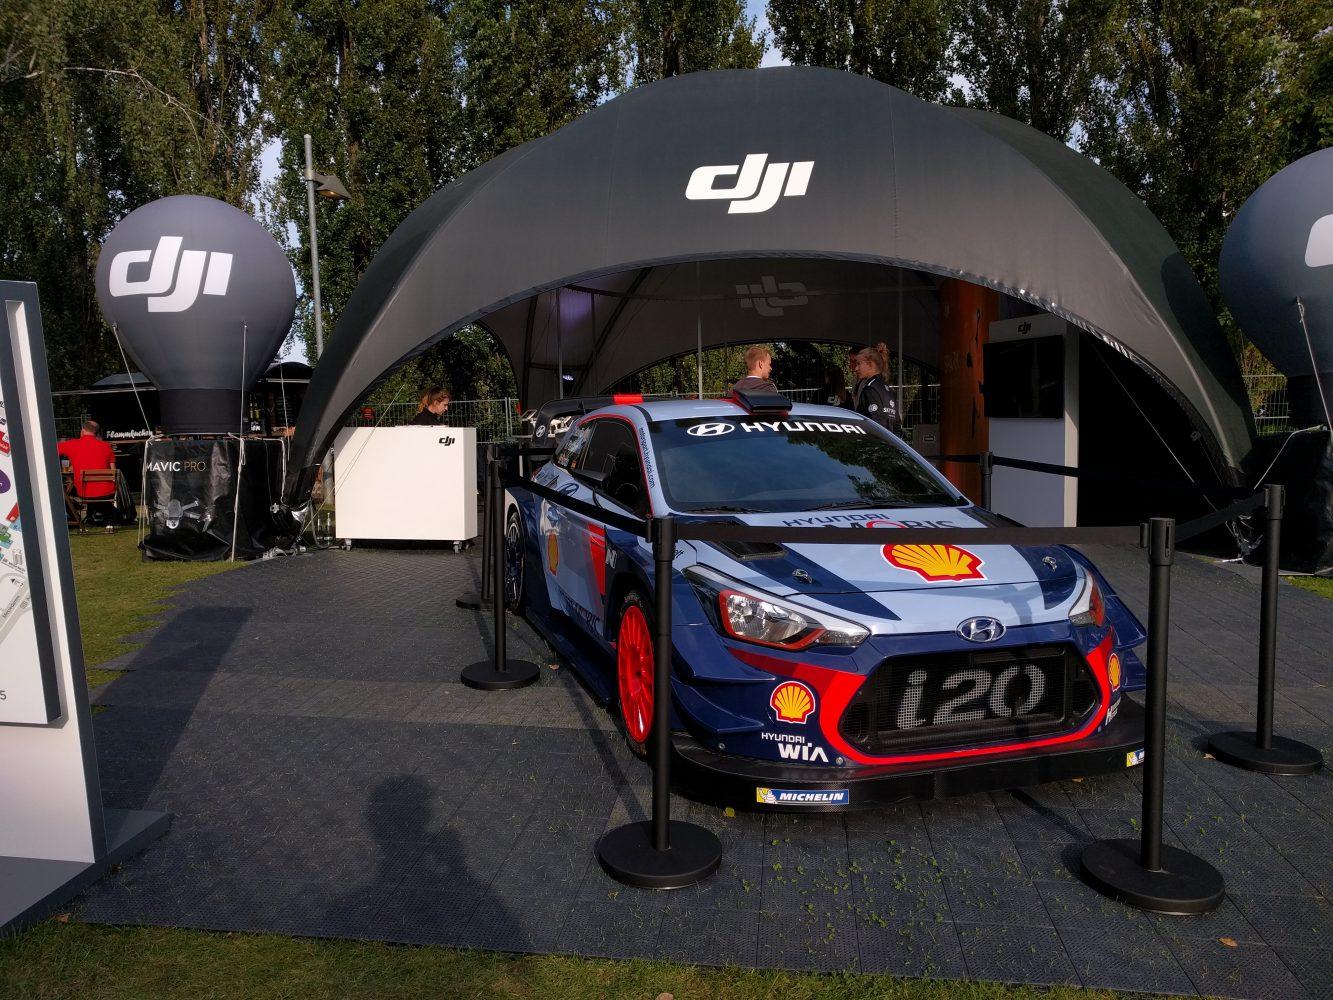 Der Hyundai i20 WRC (T. Neuville, H. Paddon, D. Sordo) vor dem Outdoor-Stand von DJI auf der IFA 2017. (Foto: Hendrik Laudemann)